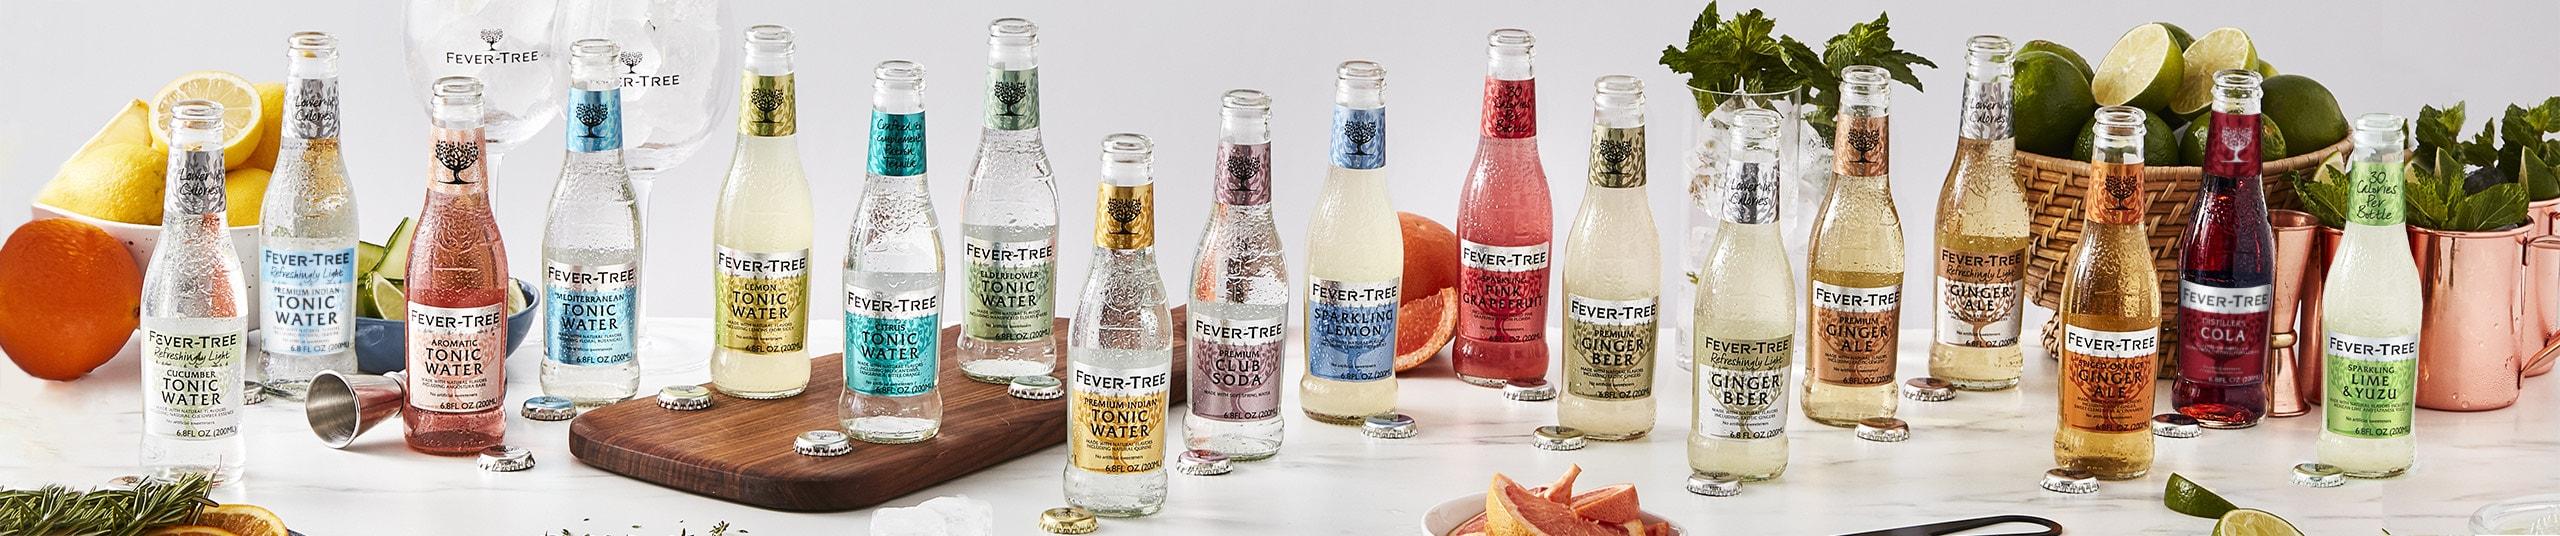 Fever Tree Premium Beverages